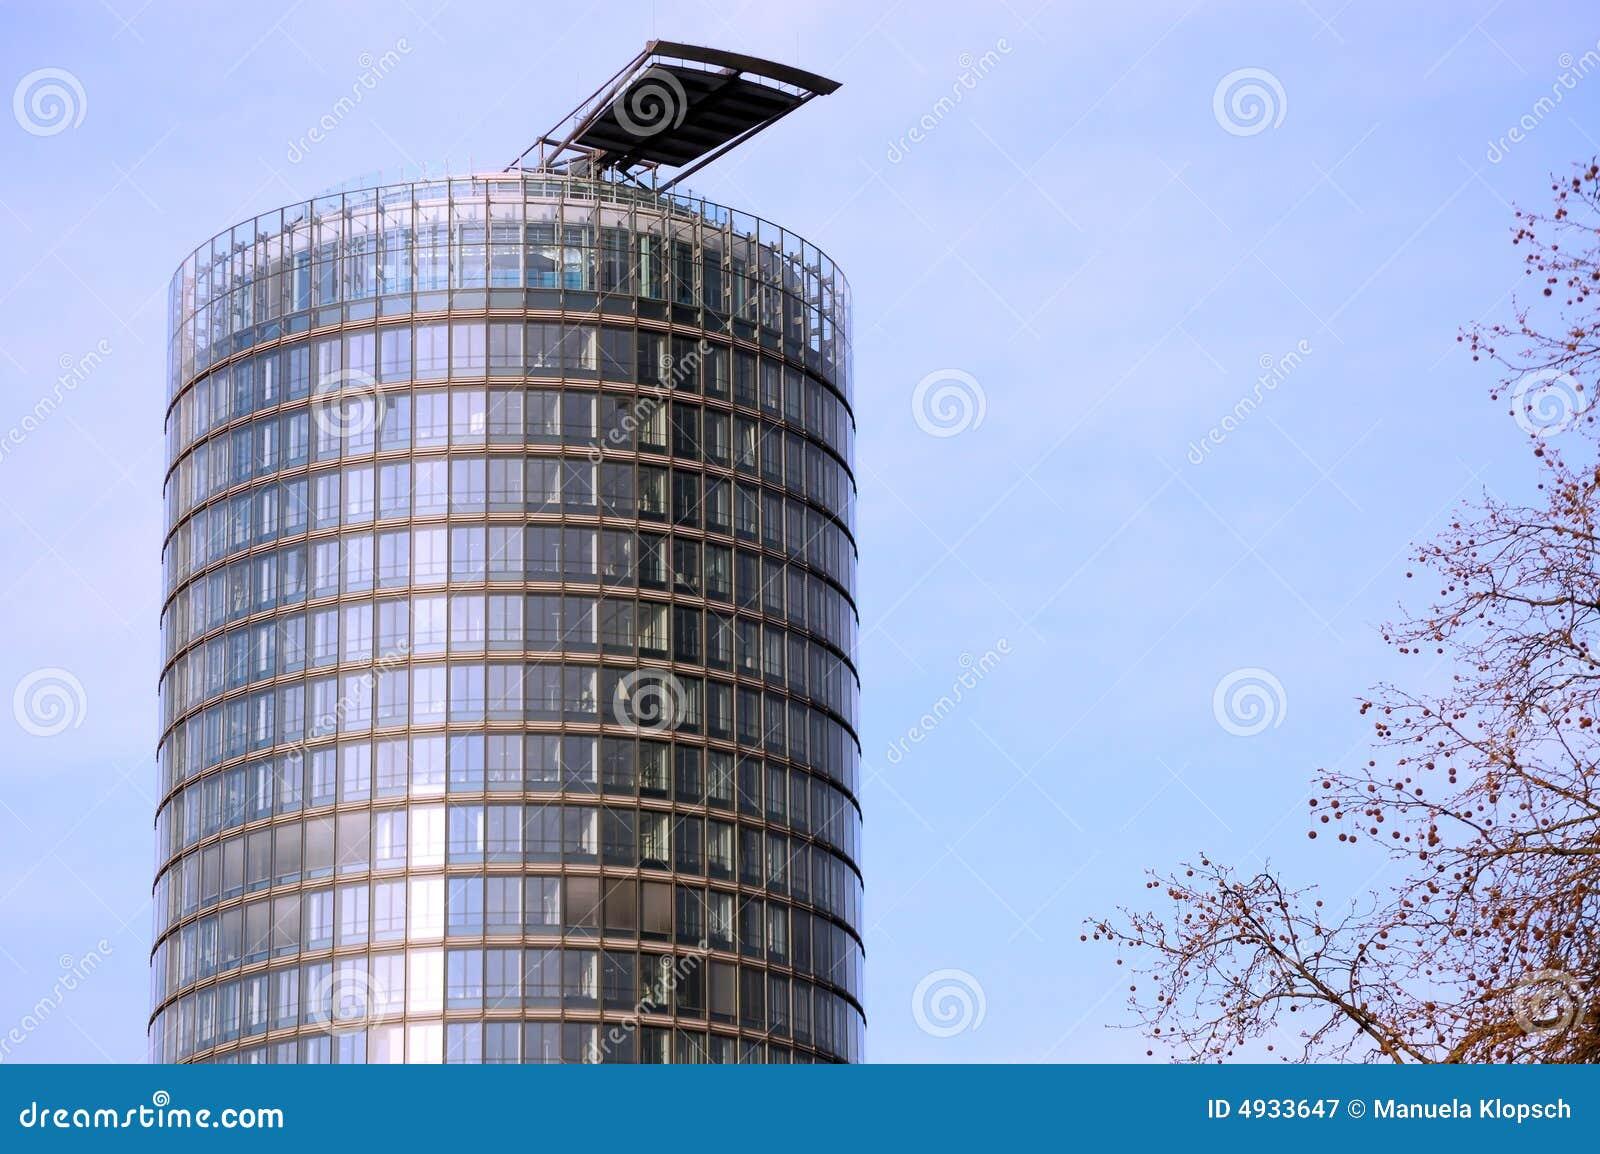 Lizenzfreie stockfotografie rundes wolkenkratzer gebäude